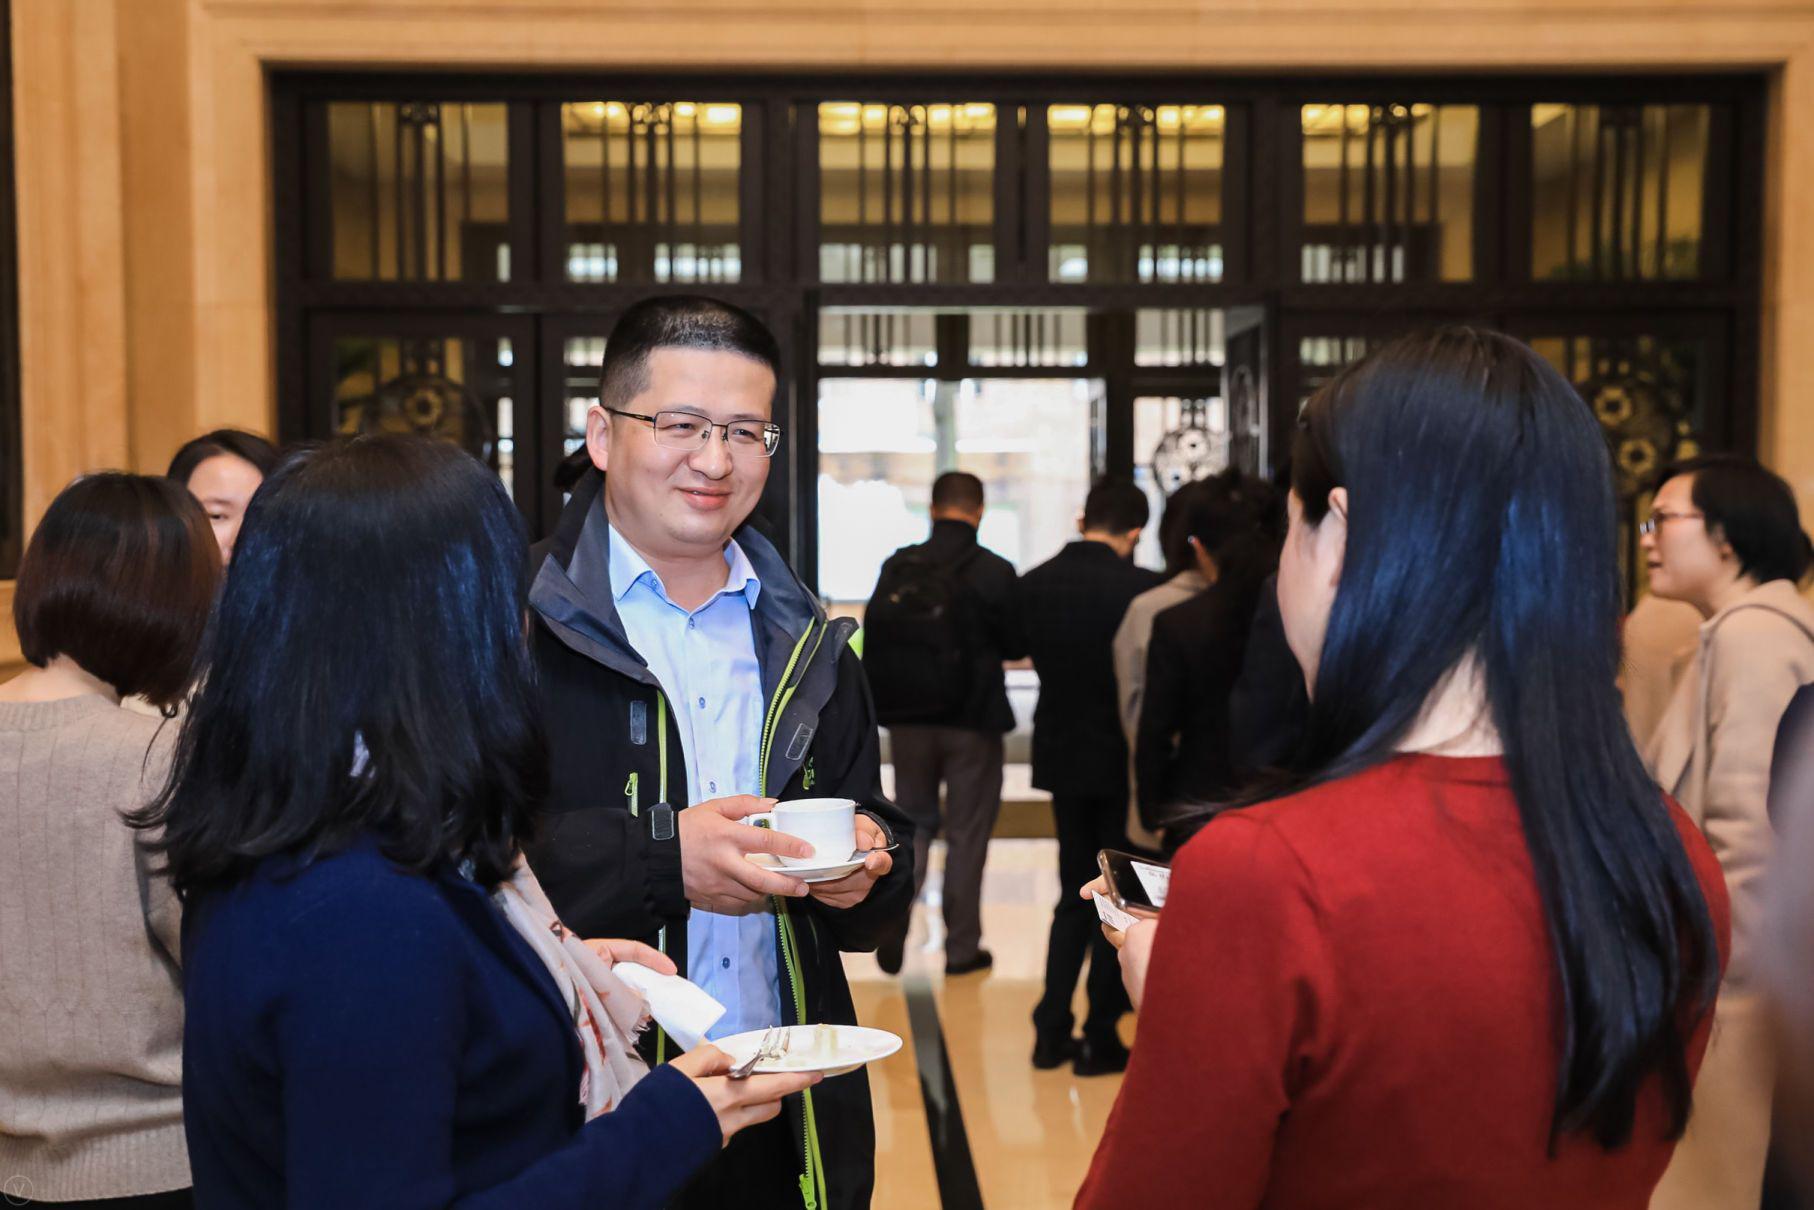 华诚携手国际商标协会和浦东新区知识产权协会,举办2019世界知识产权日主题论坛